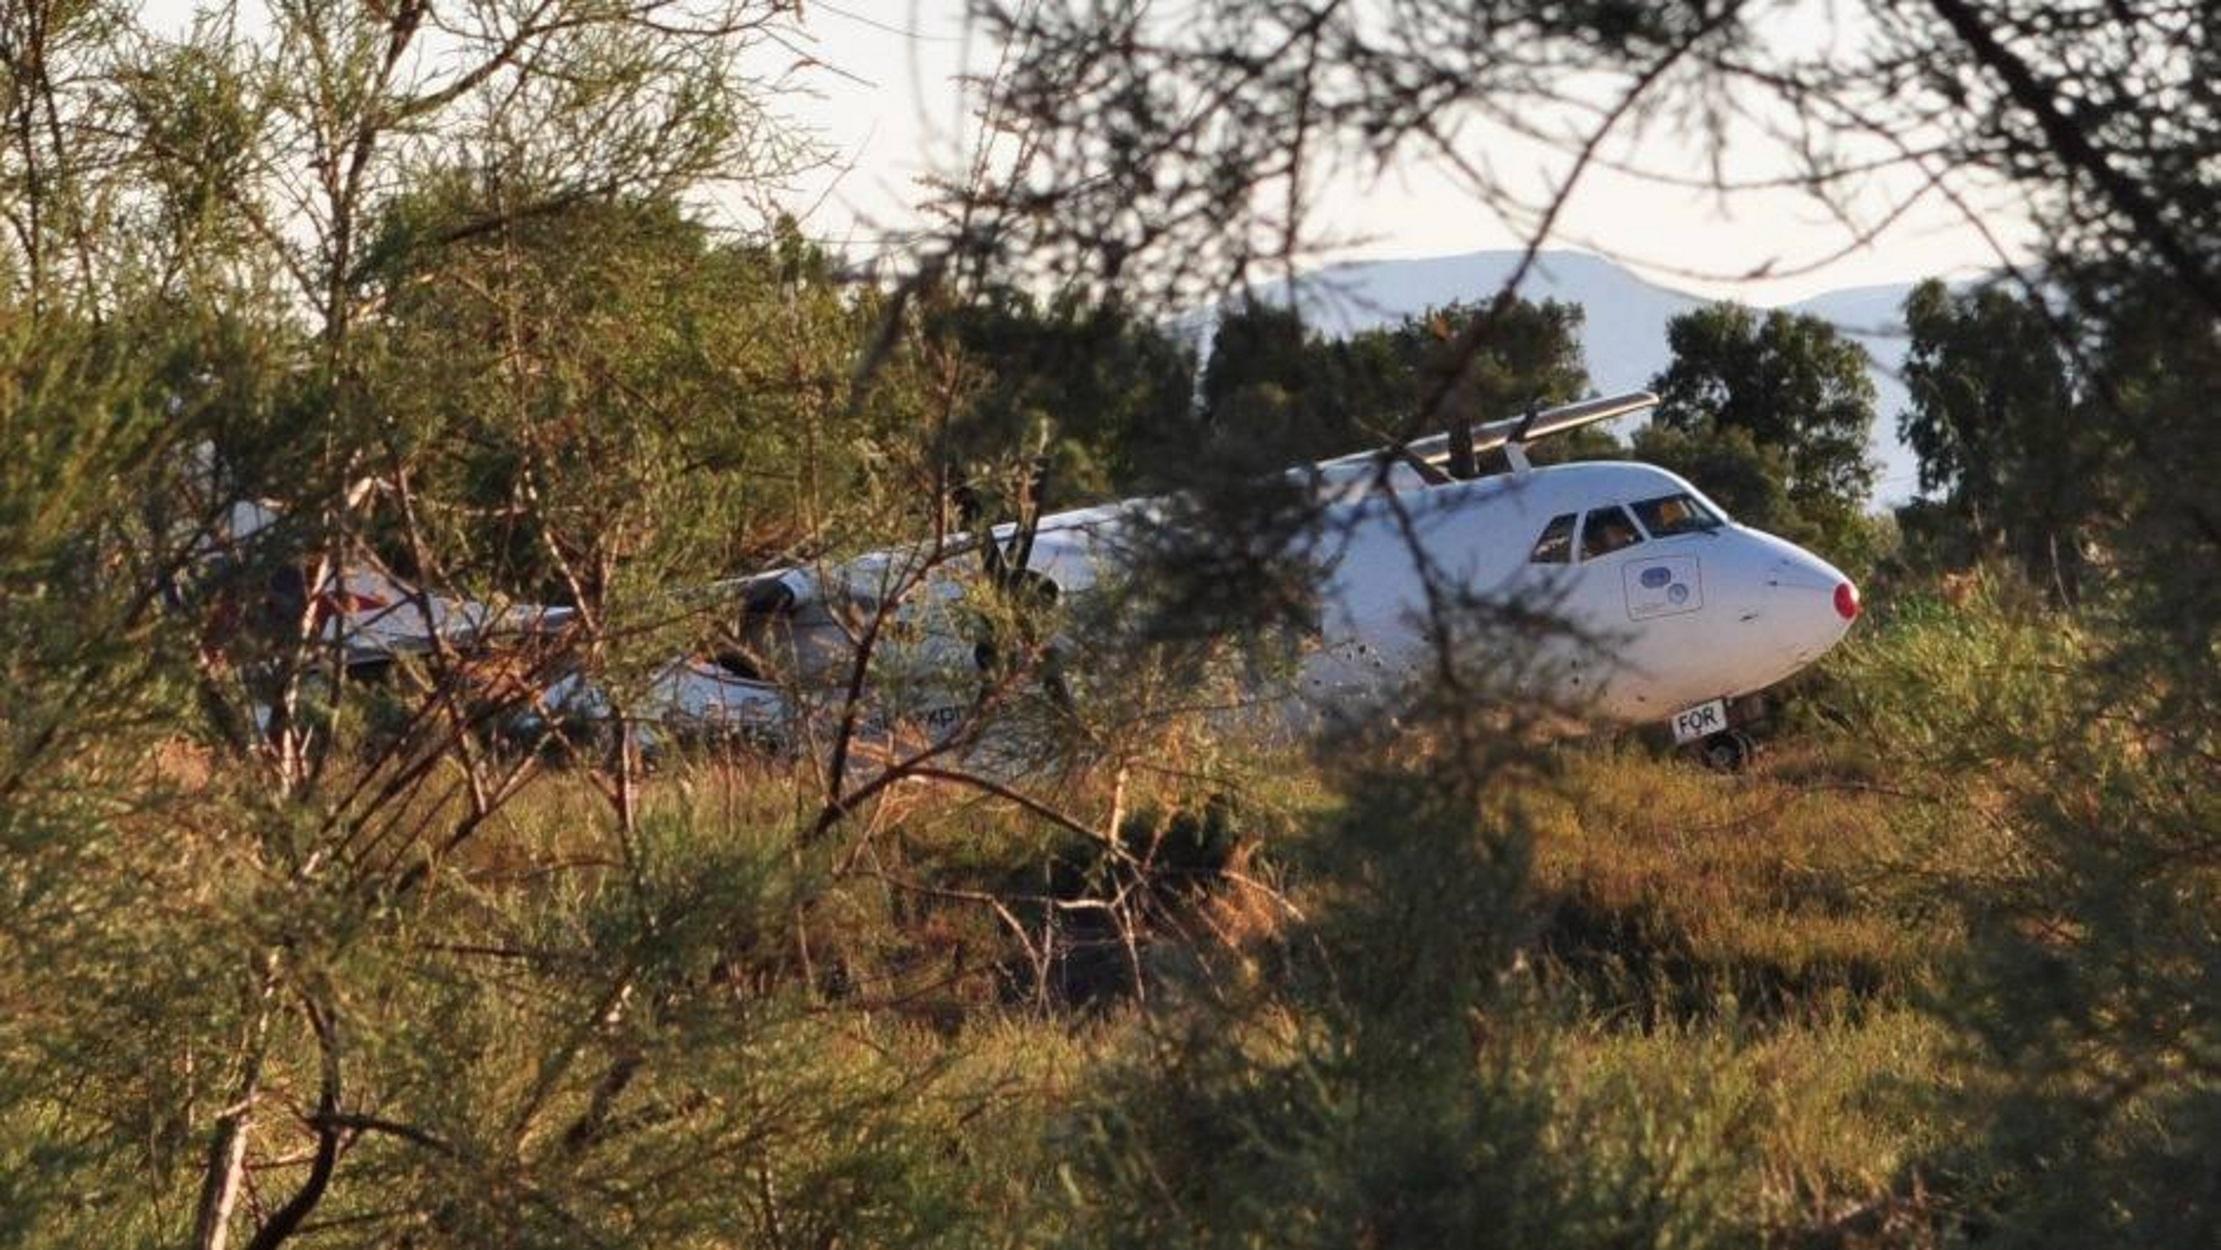 Νάξος: Έκλεισε το αεροδρόμιο λόγω αεροπορικού ατυχήματος!